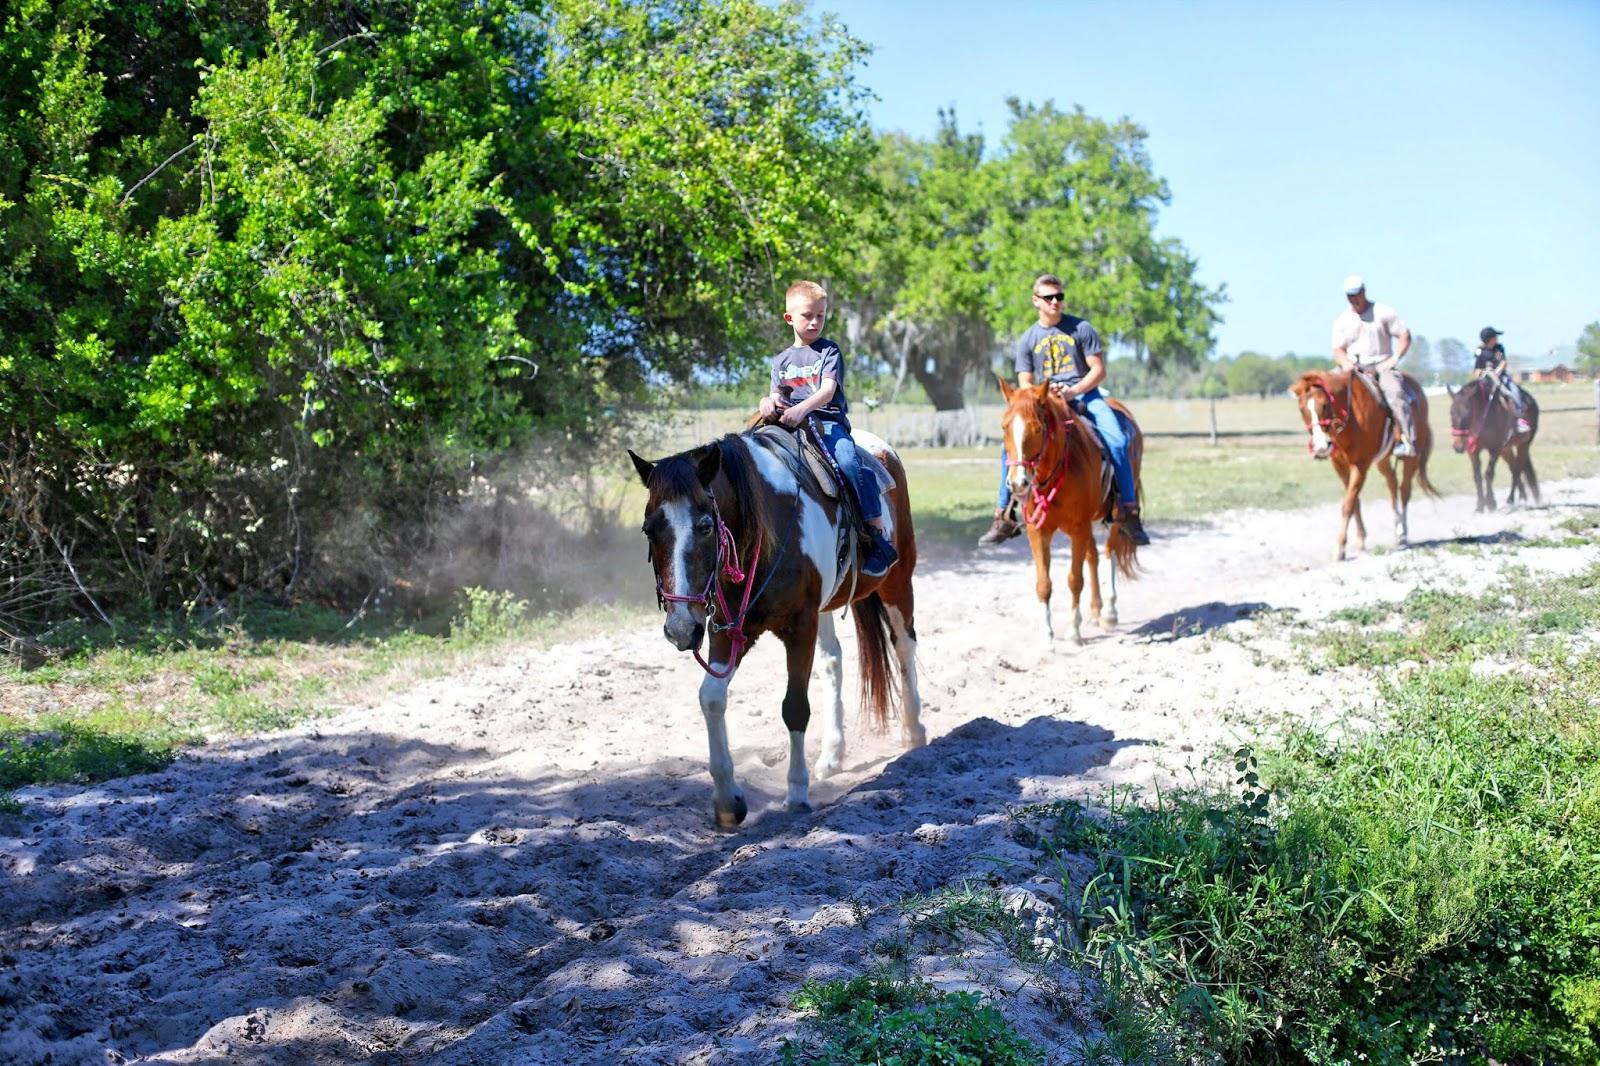 horse riding in dallas